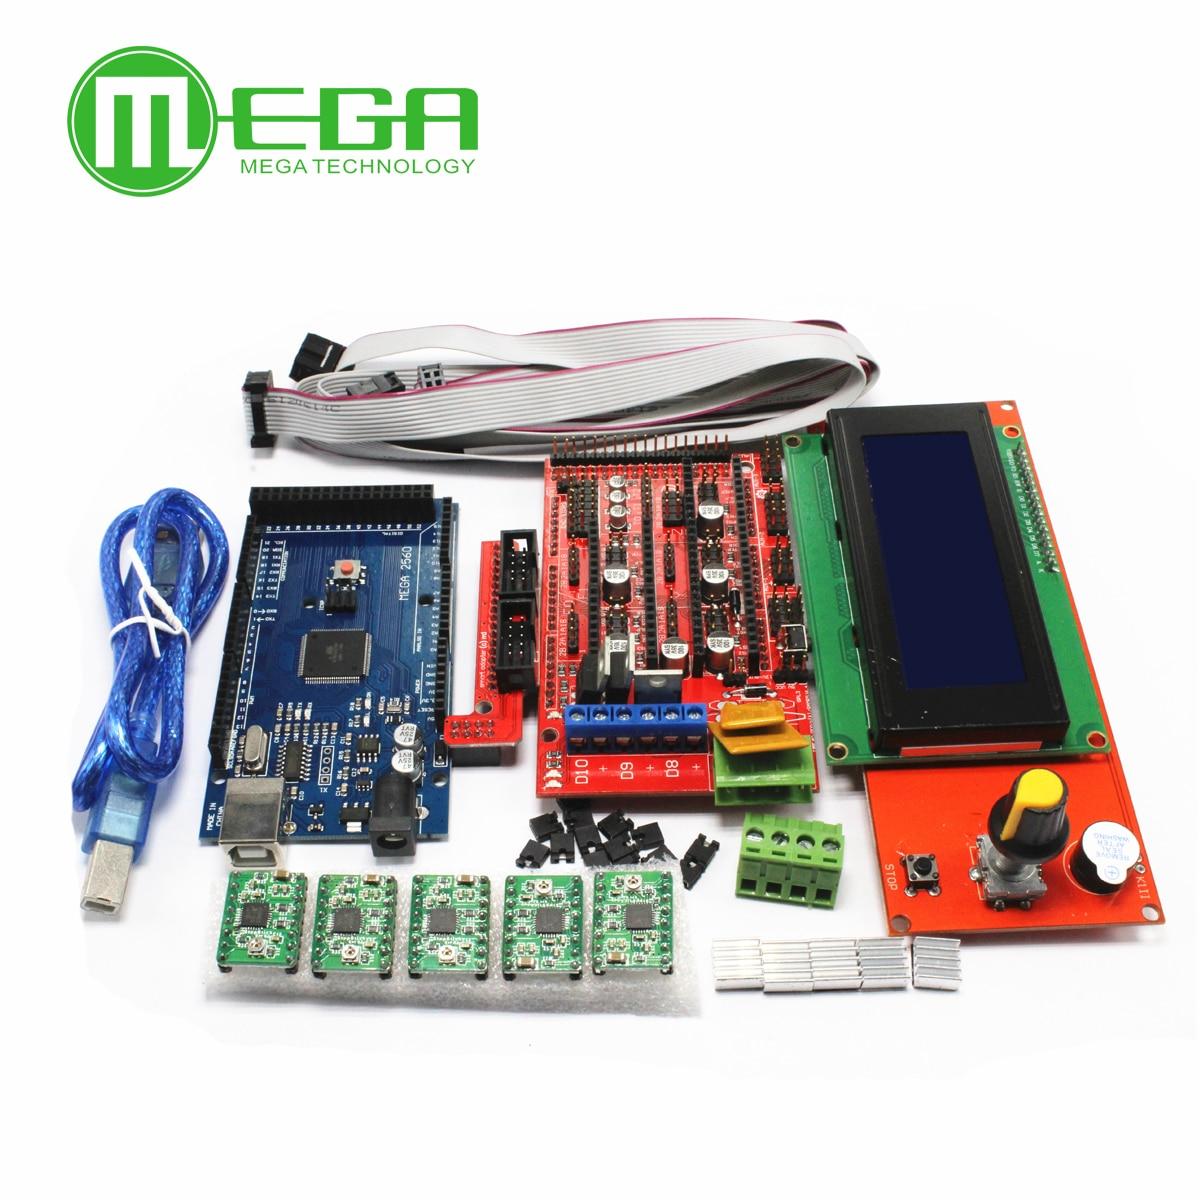 Schrittmotoren 3 Achsen NVEM Mach3 Ethernet Motion